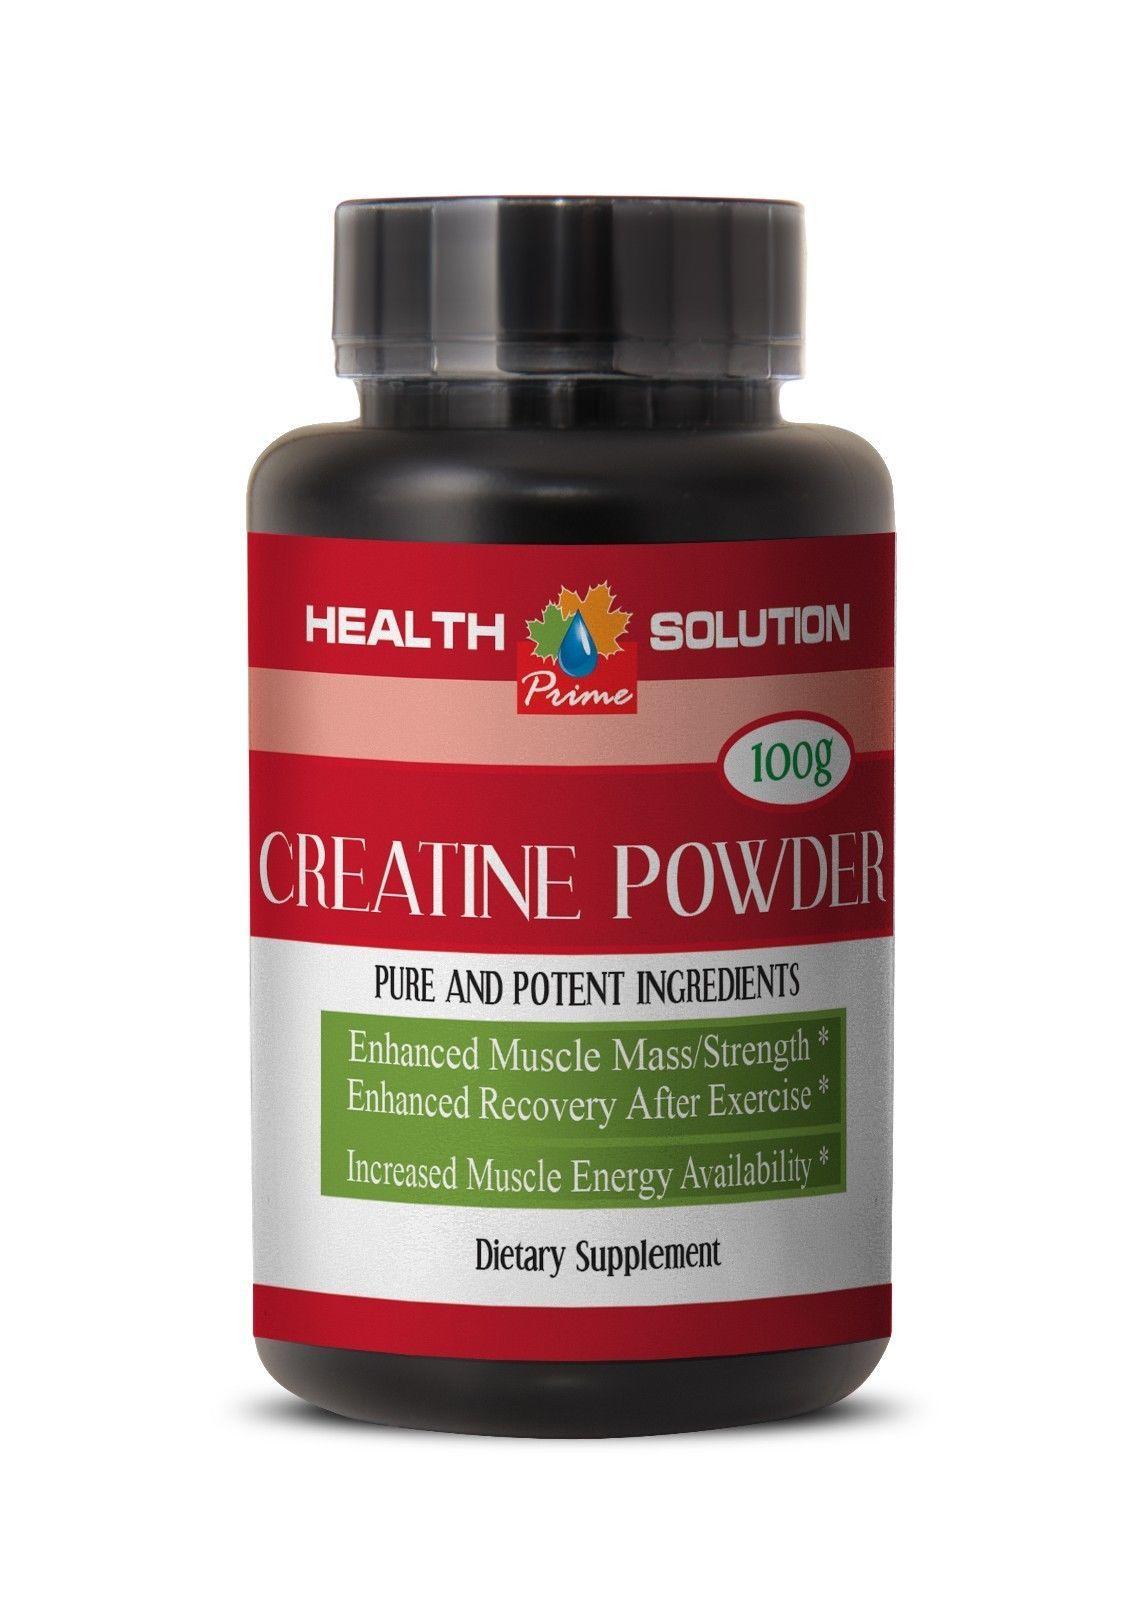 Mood Boost - CREATINE POWDER 100G Dietary Supplement